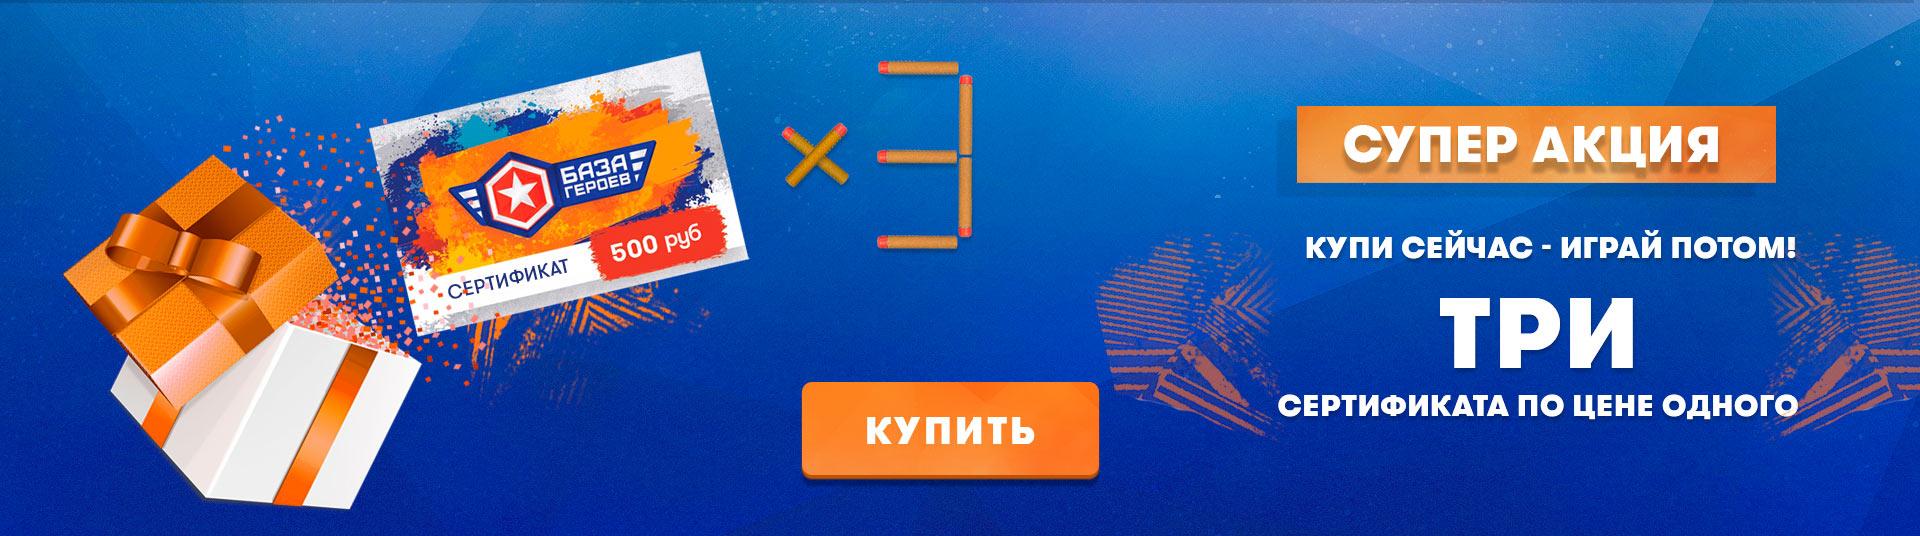 Нёрф в Москве - Большая арена и аттракционы | База Героев